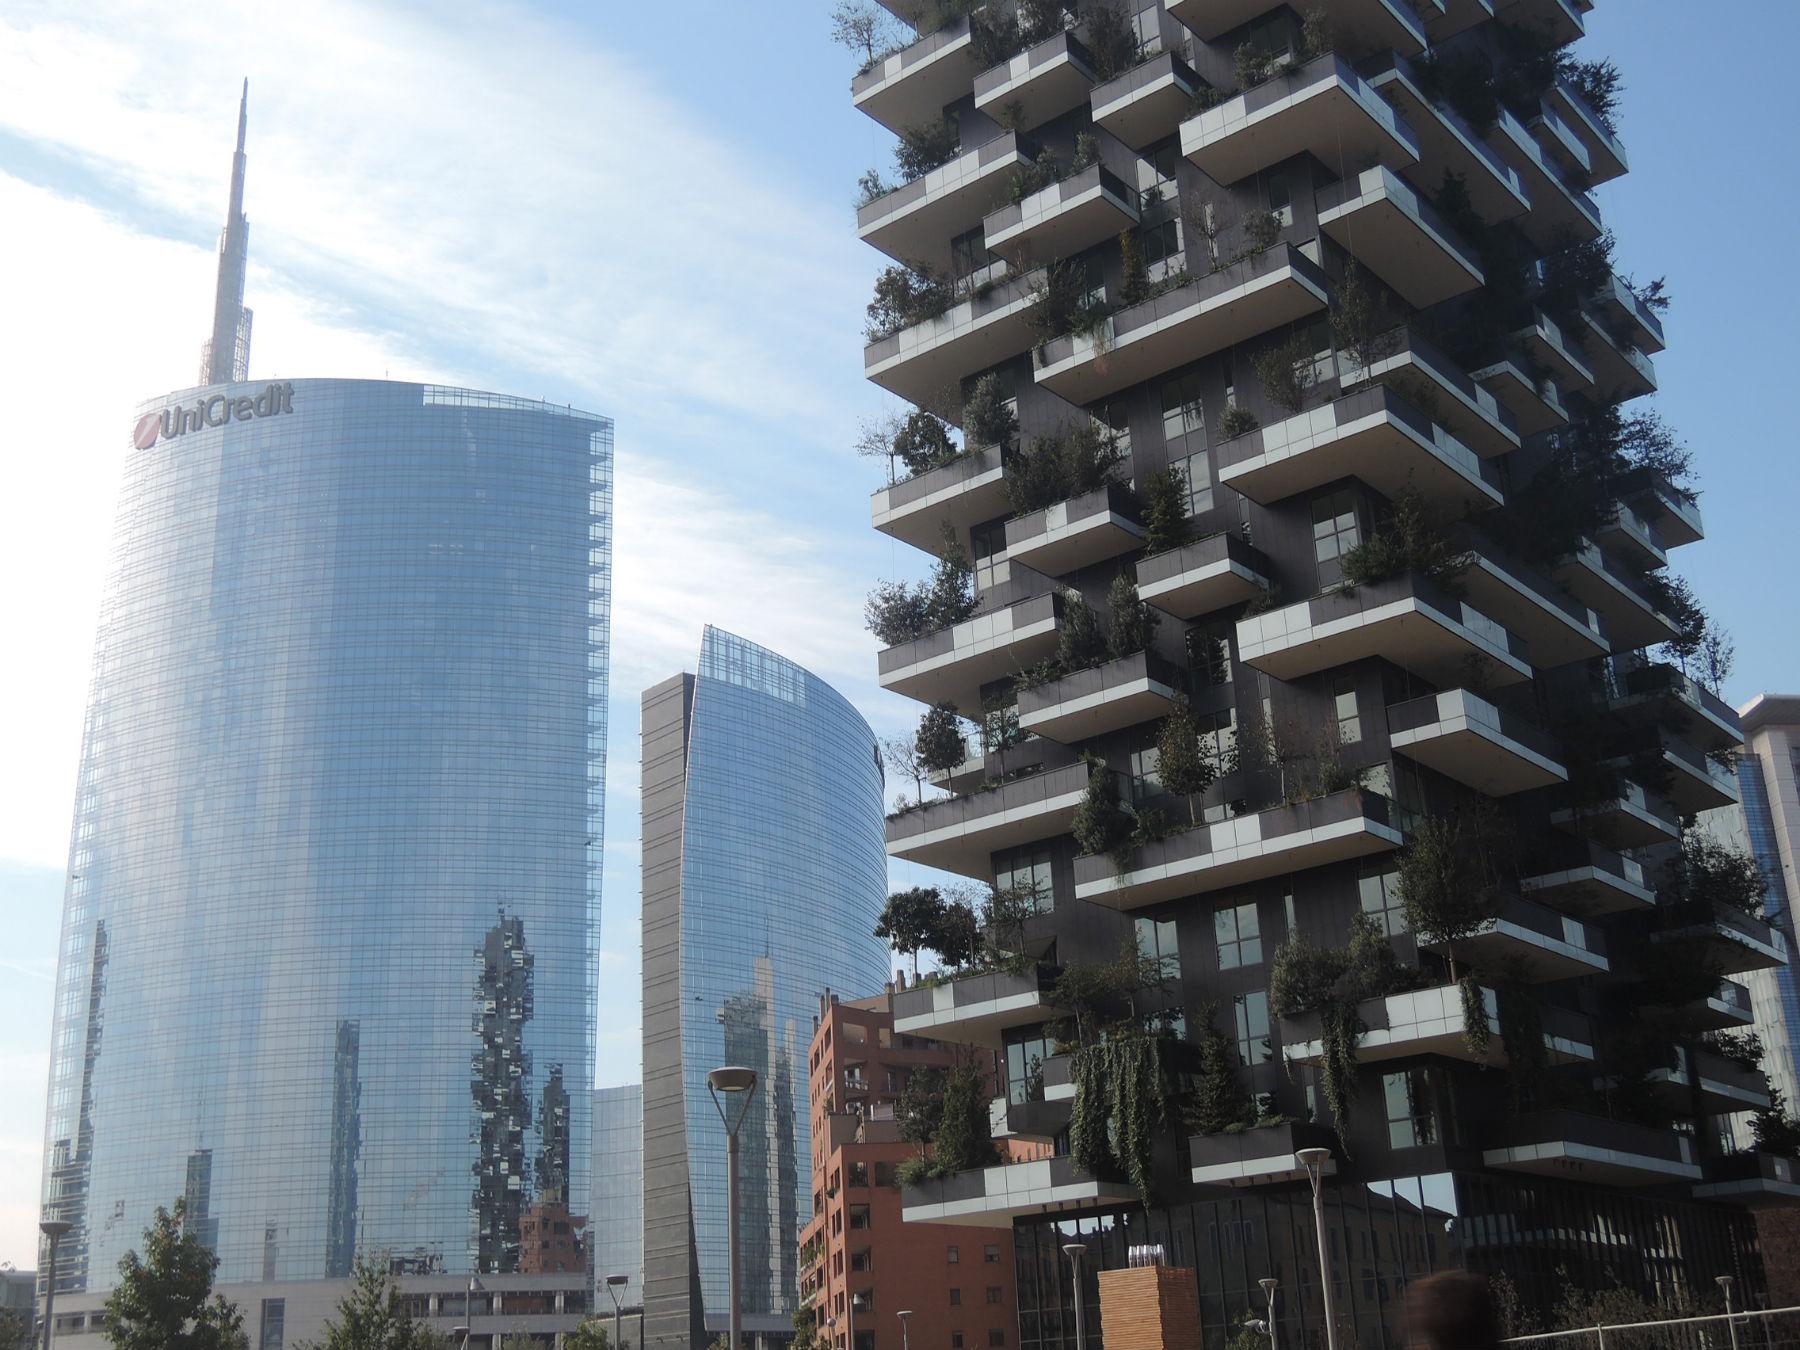 Bosco verticale inaugurato a milano la fotogallery for Bosco verticale architetto